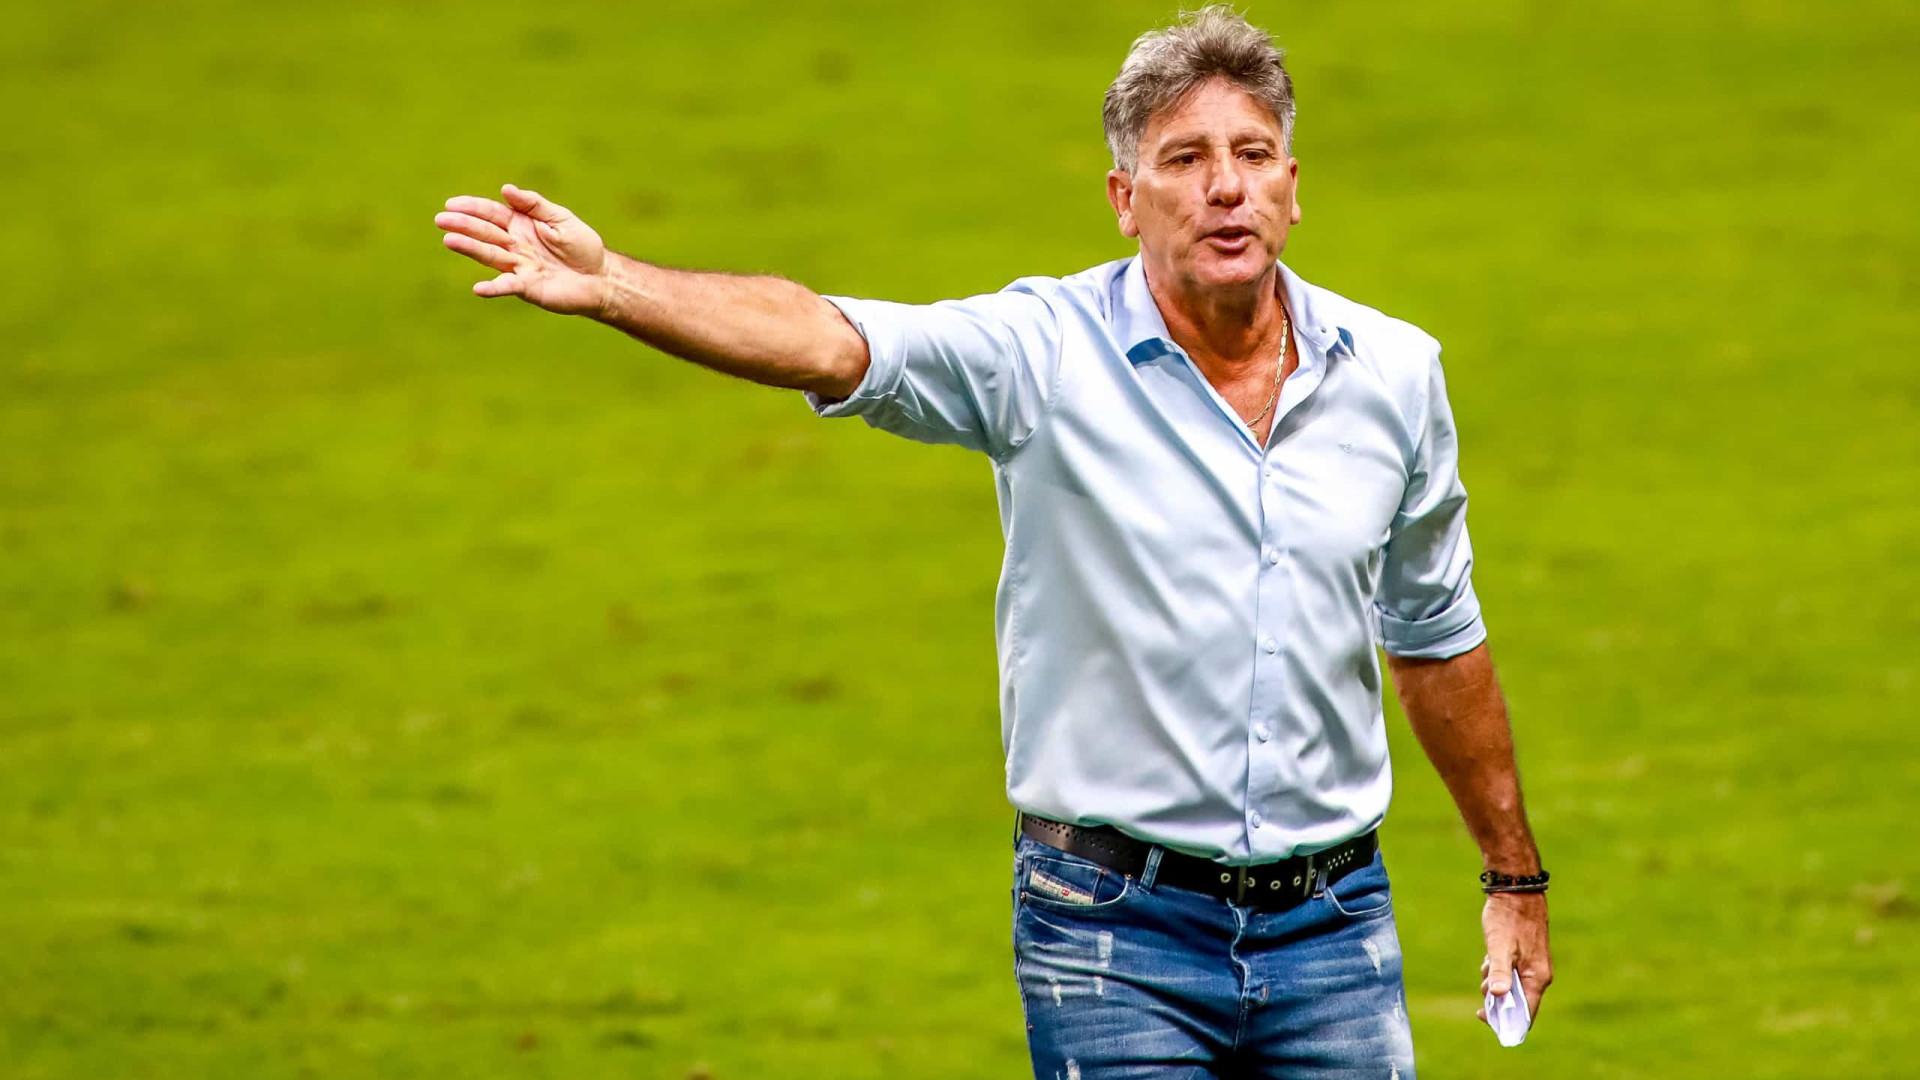 Após reunião, diretoria do Grêmio demite Renato Gaúcho